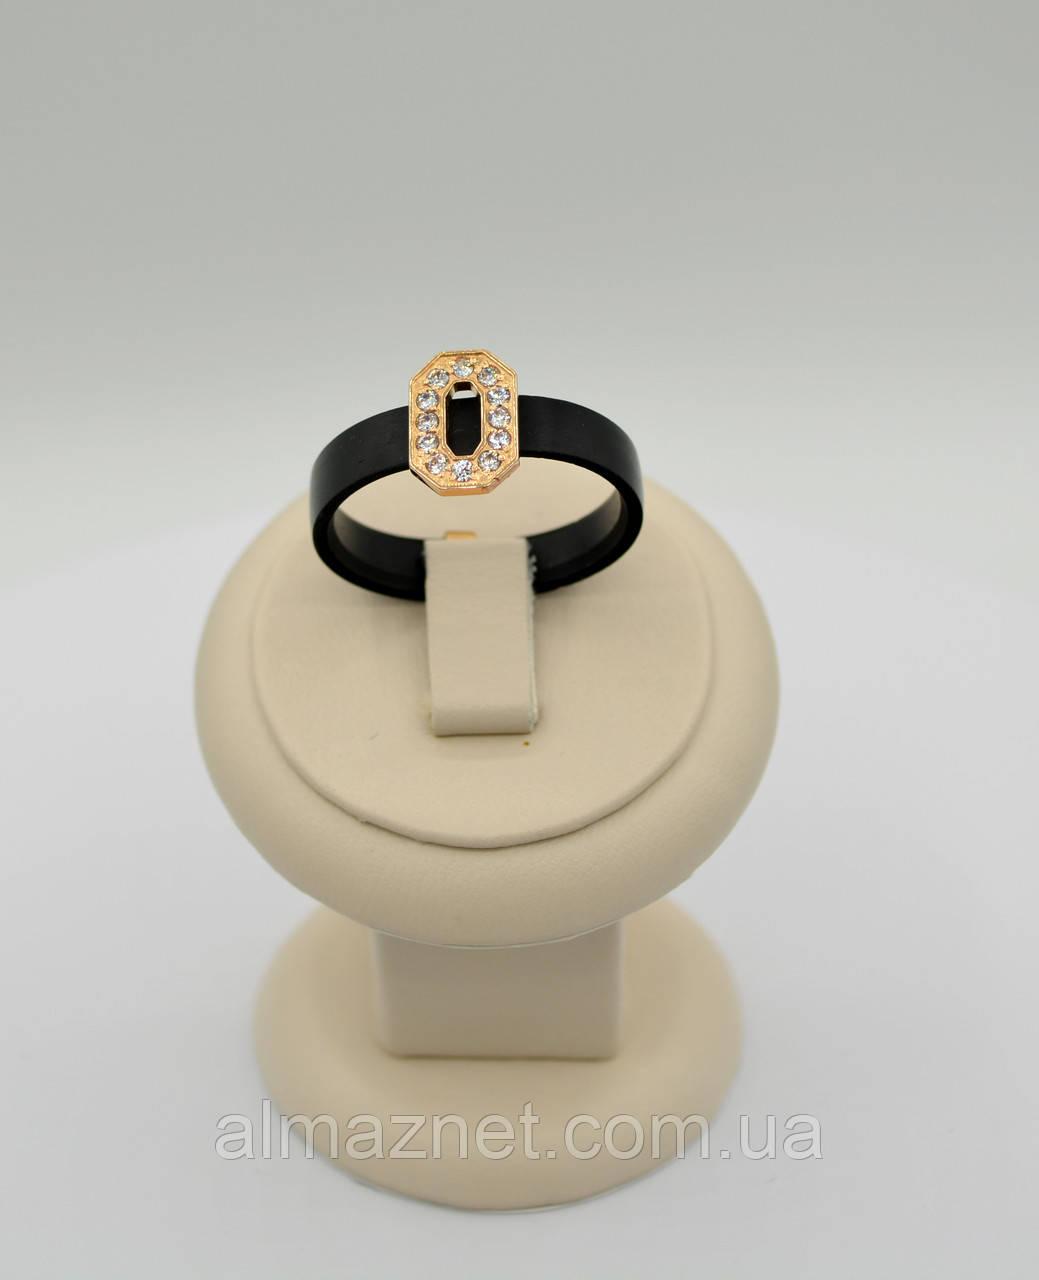 Золотое кольцо из каучука